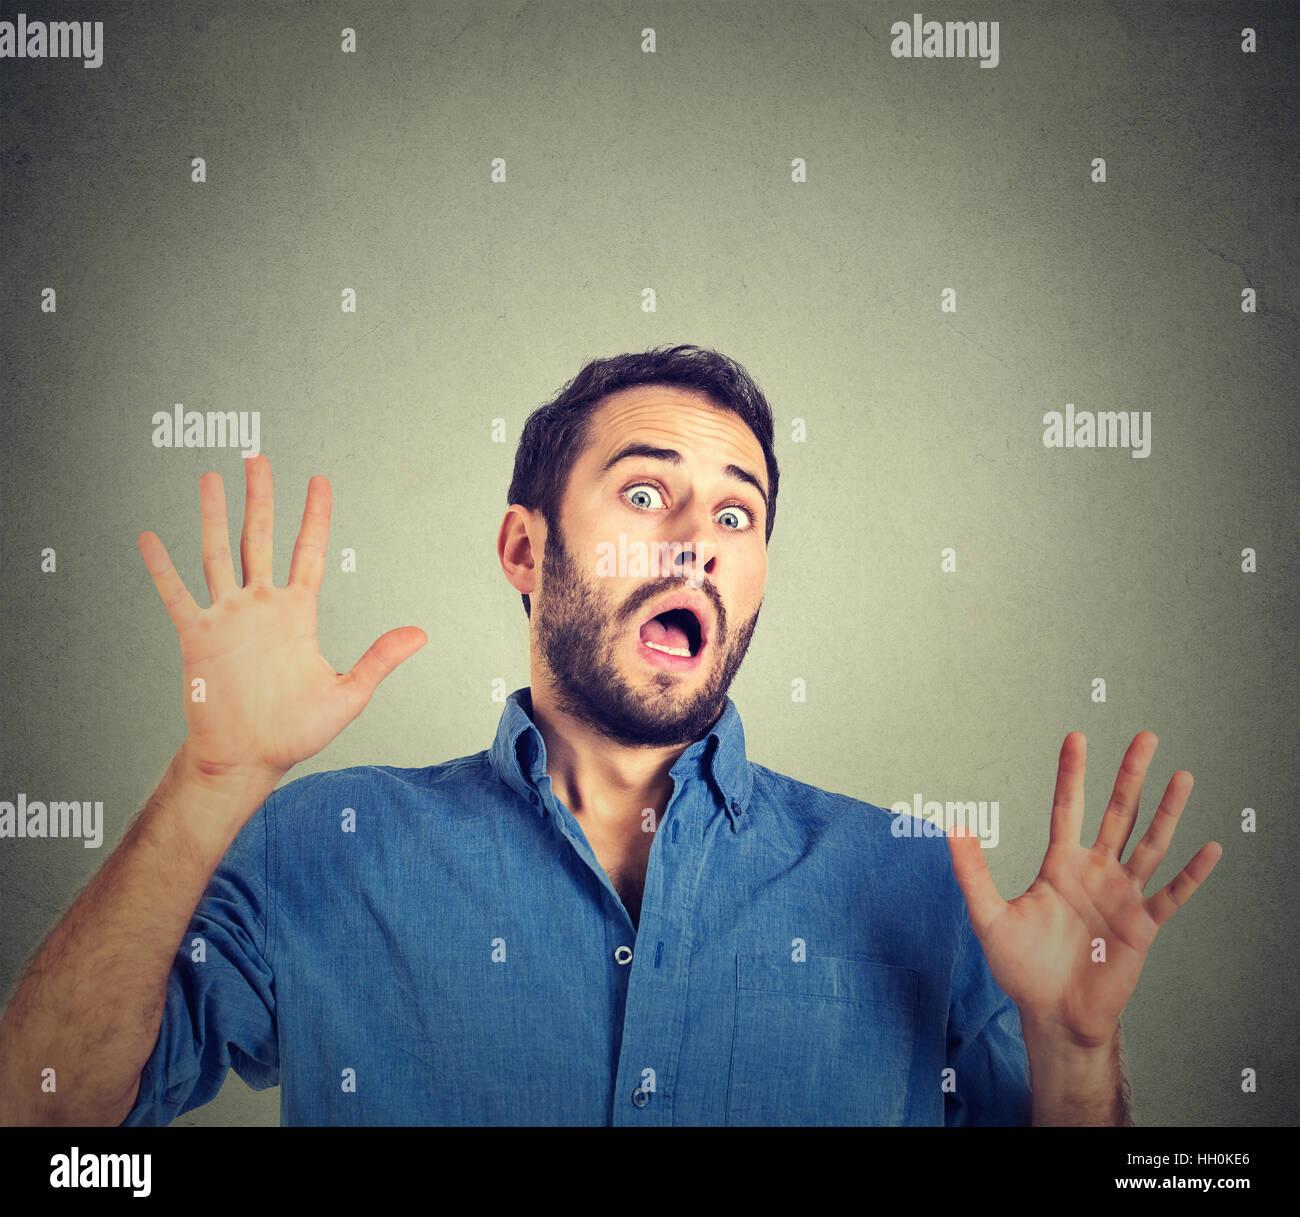 Angst Mann auf graue Wand Hintergrund Stockbild